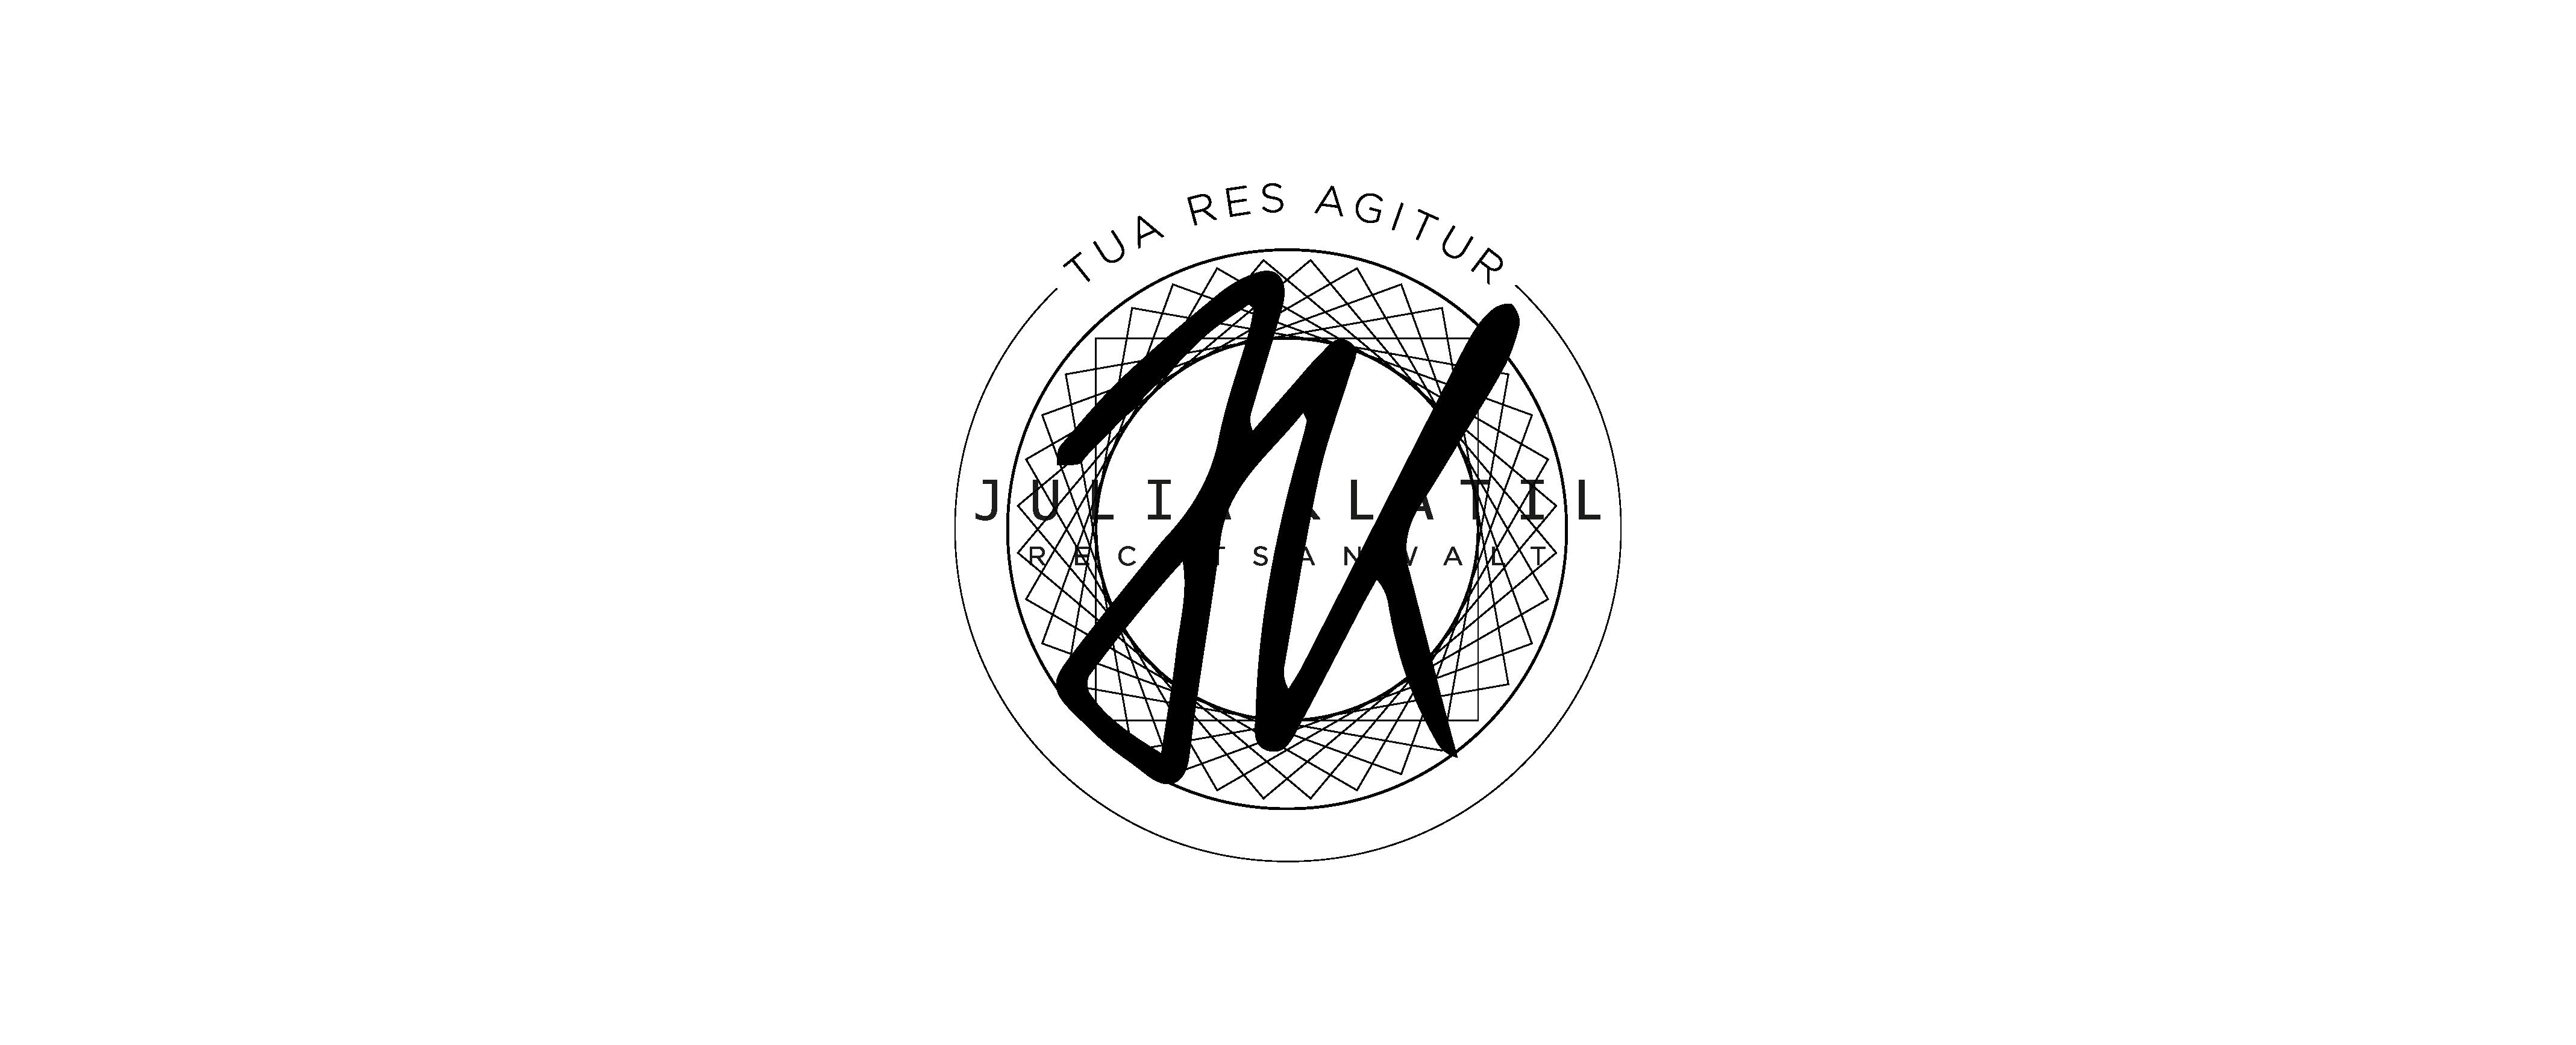 Julia Klatil